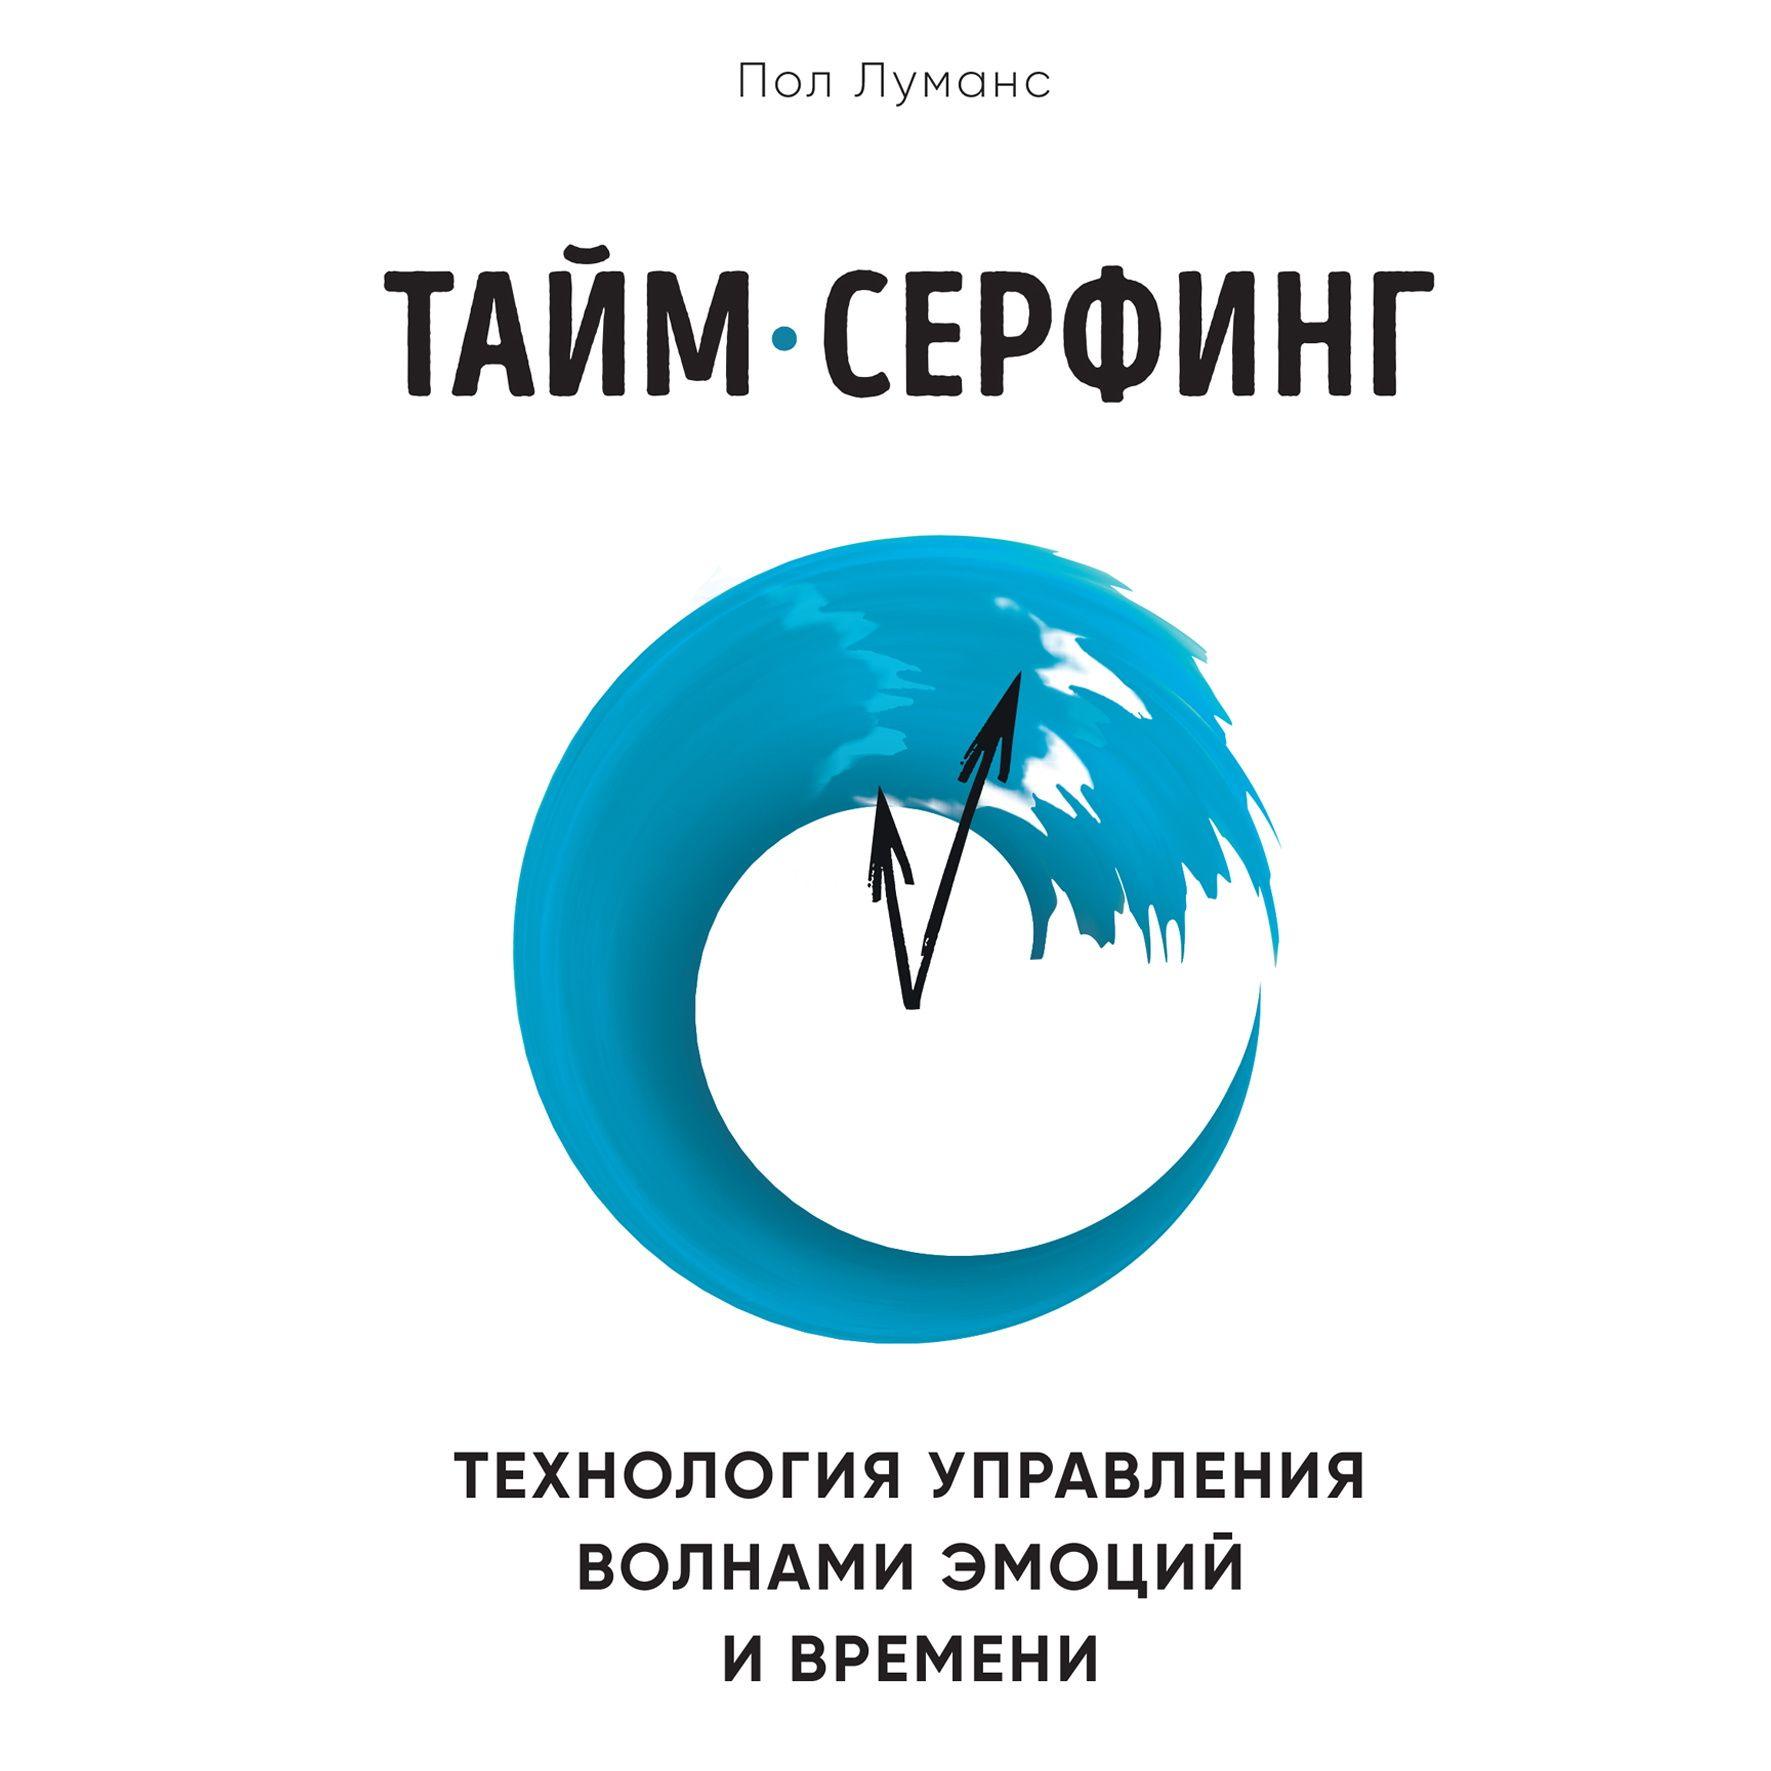 Купить книгу Тайм-серфинг, автора Пола Луманса